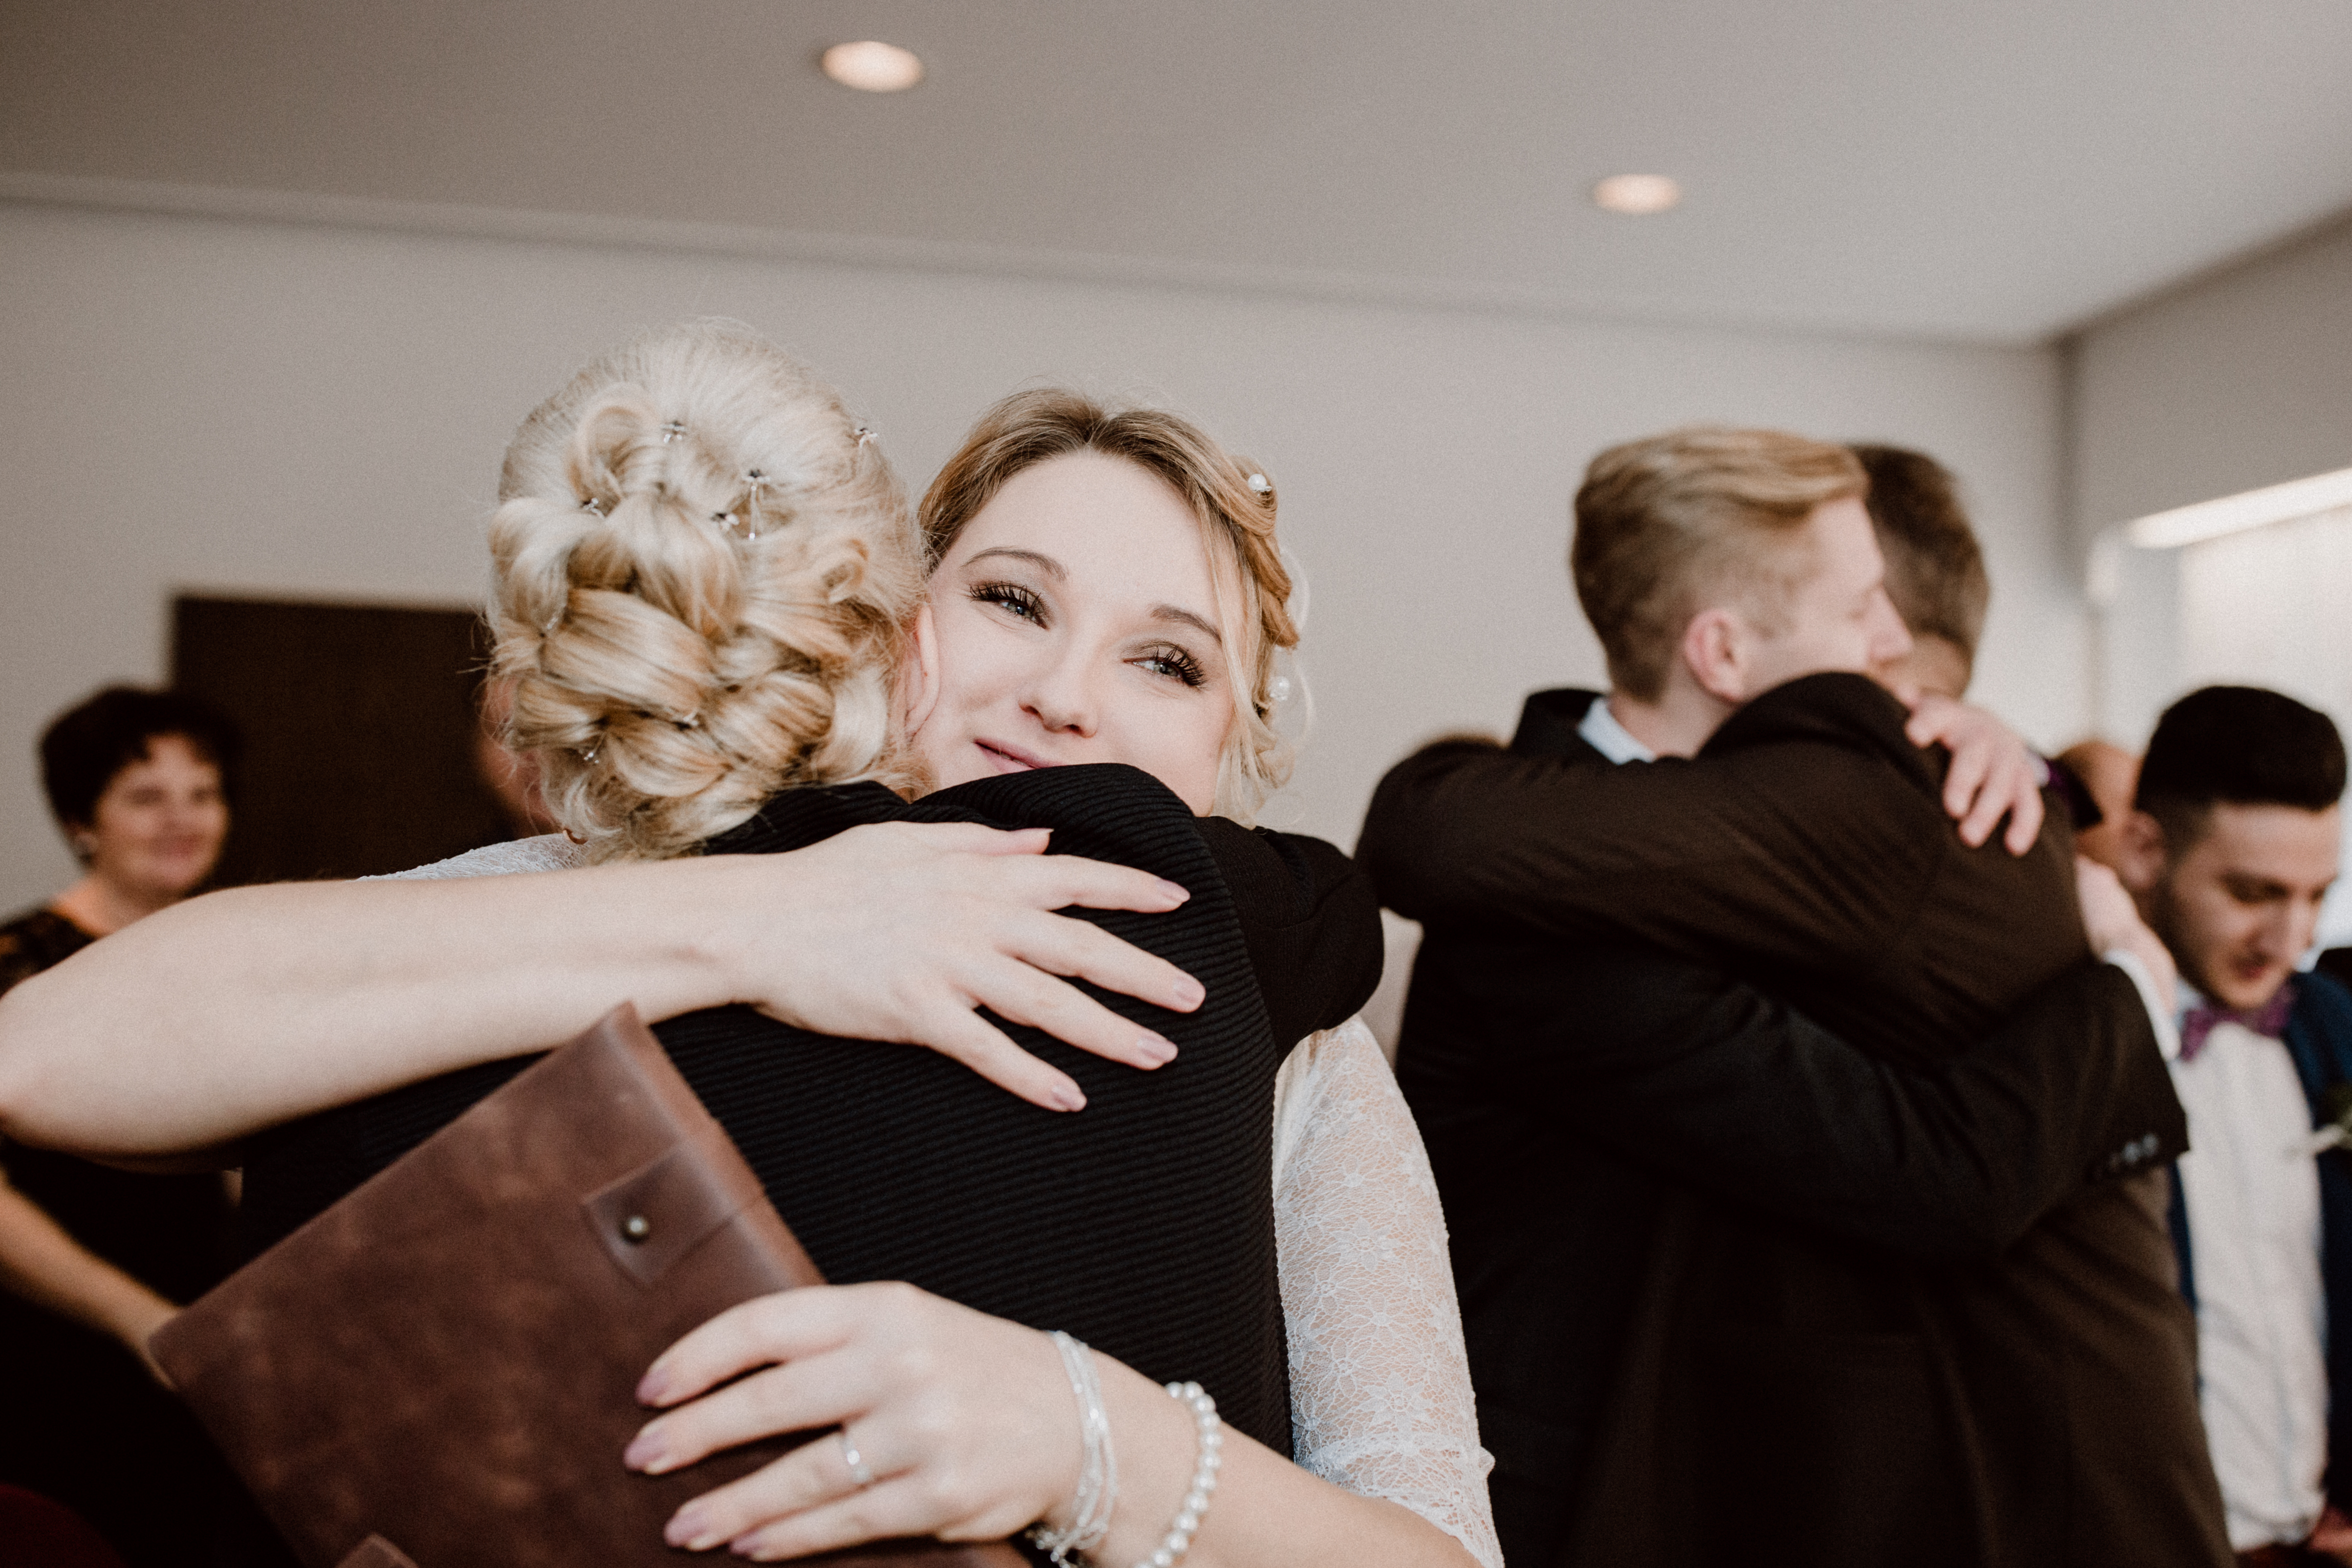 URBANERIE_Daniela_Goth_Hochzeitsfotografin_Nürnberg_Fürth_Erlangen_Schwabach_171110_0177